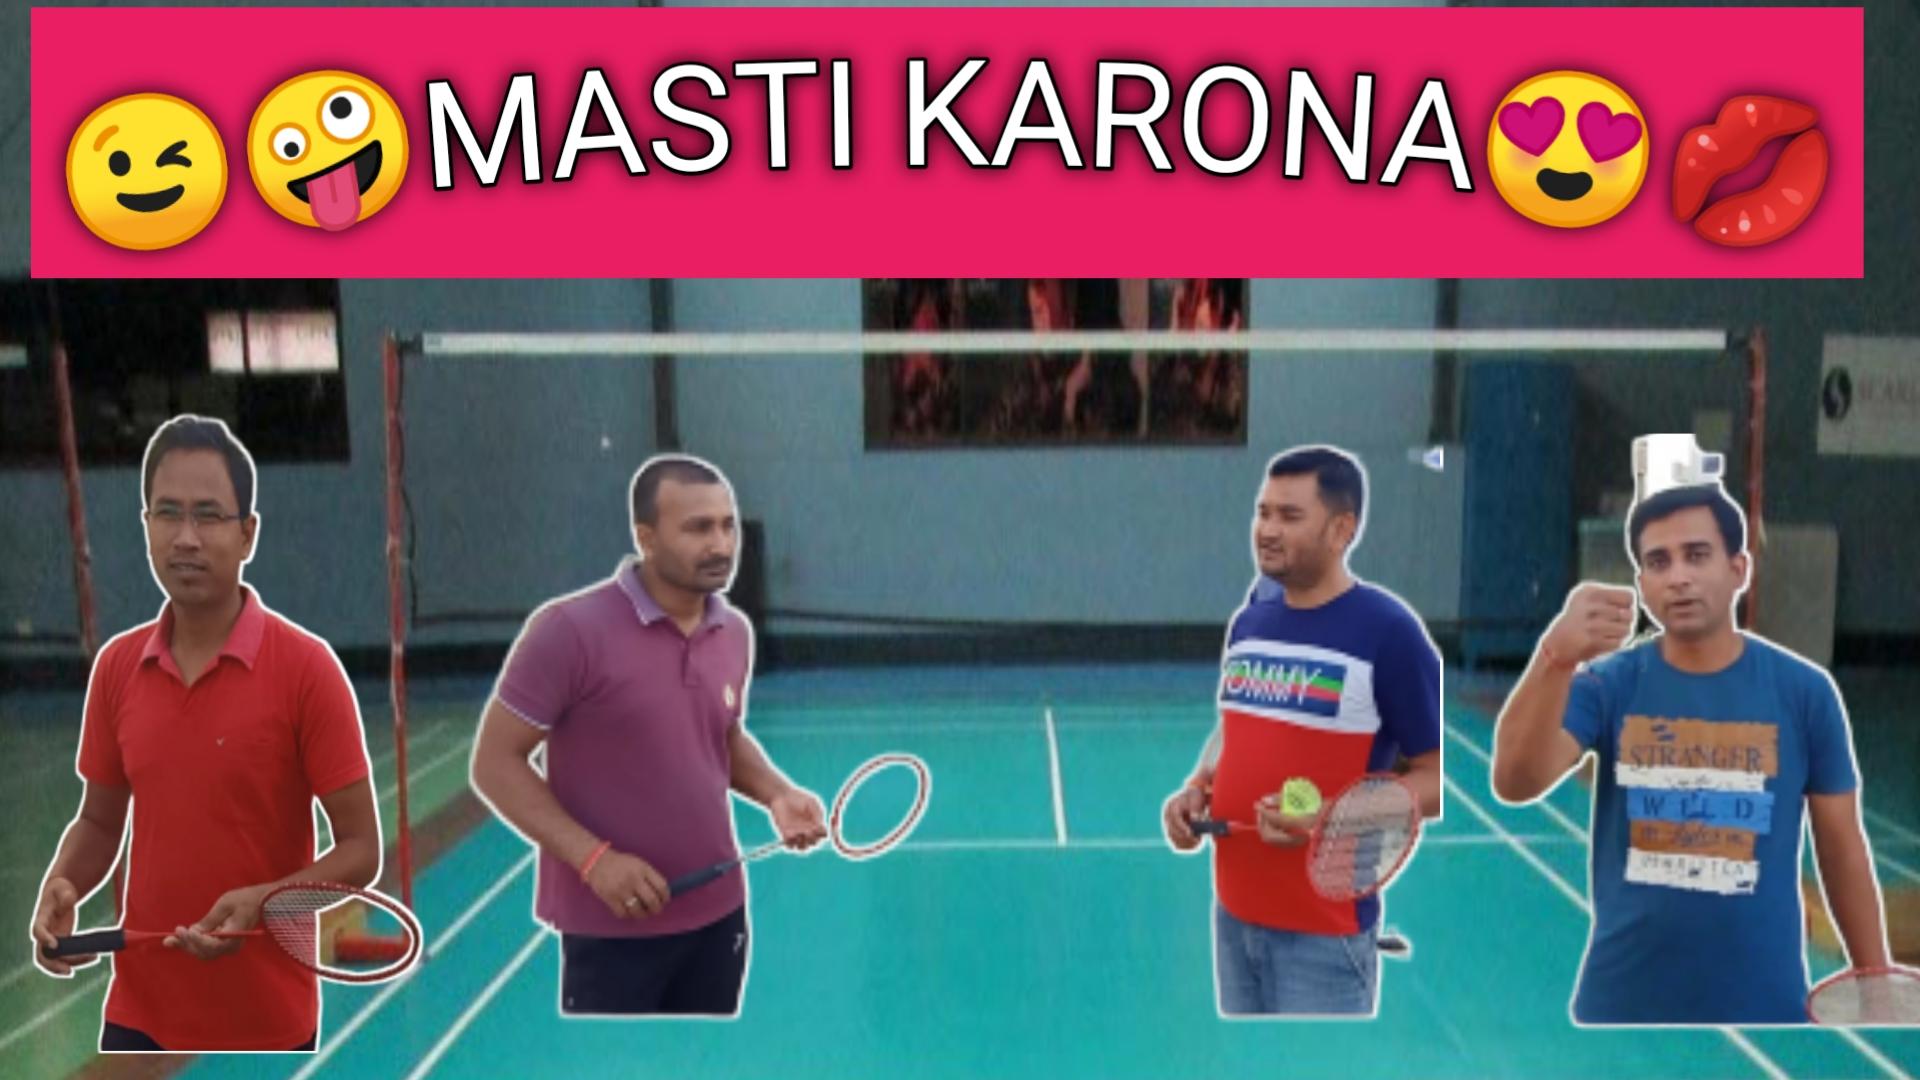 Masti karona - Fun on Badminton